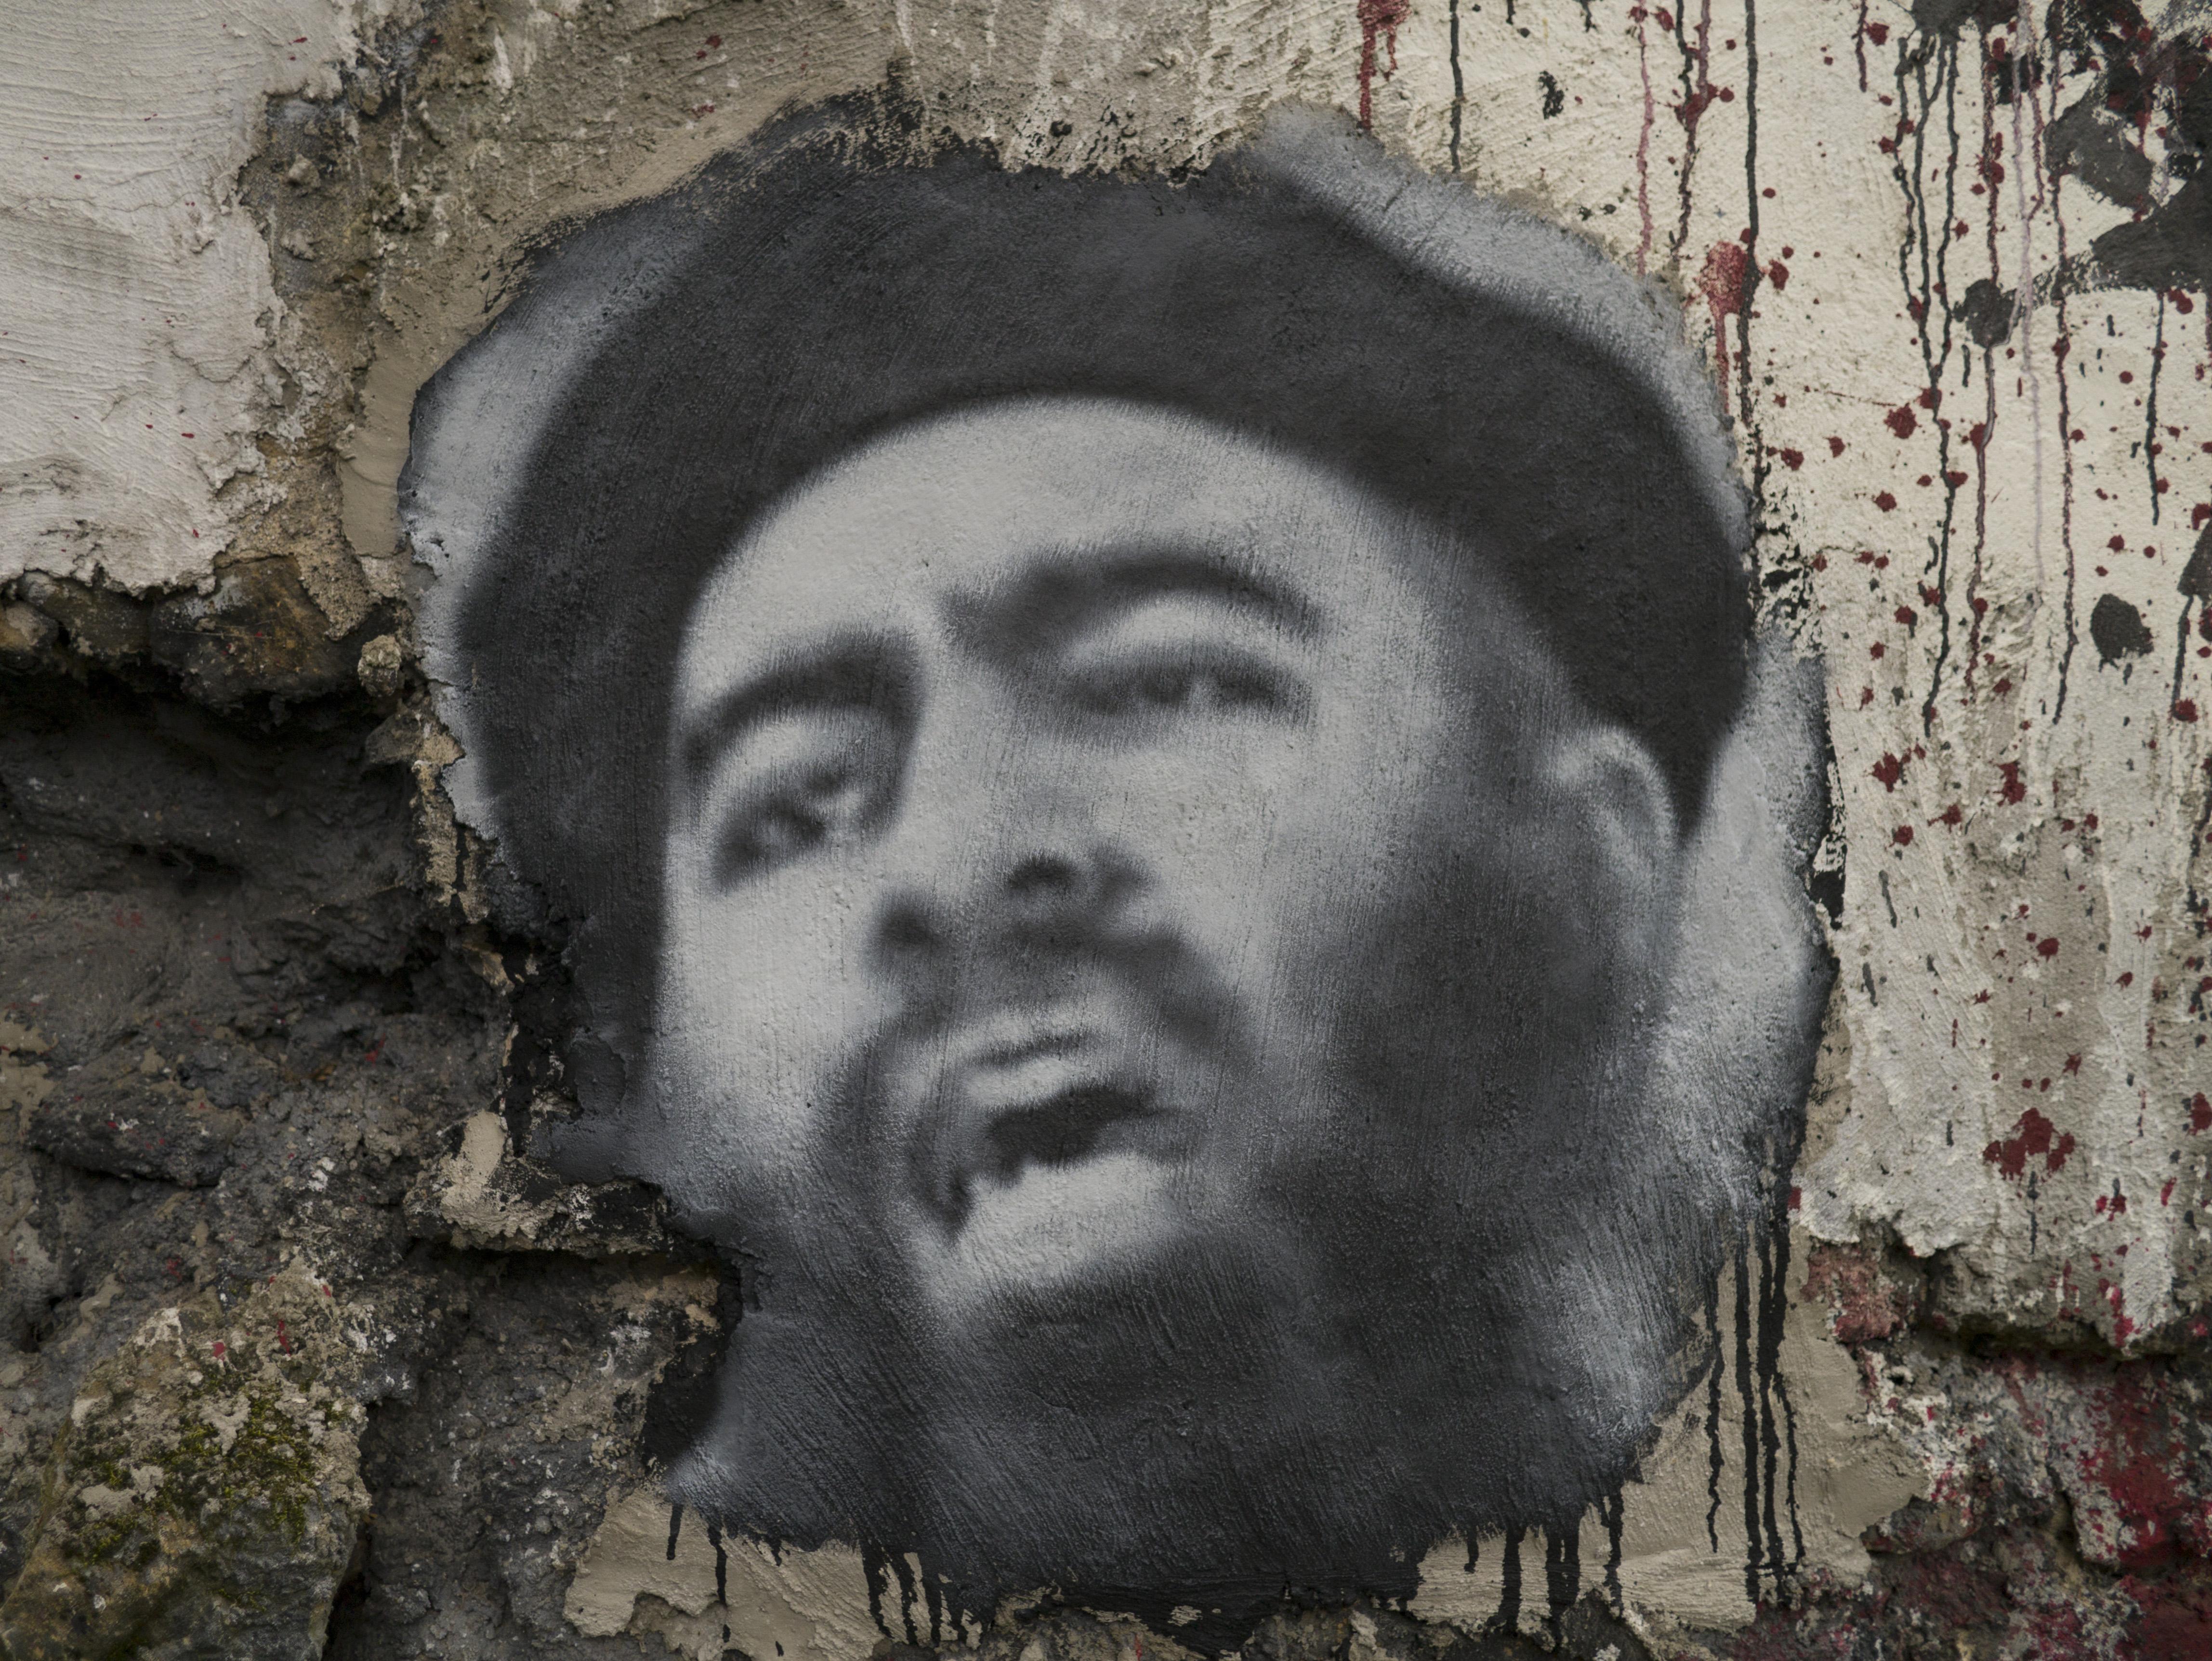 Abu Bakr al-Baghdadi: A Stumbling Block or a Stepping Stone